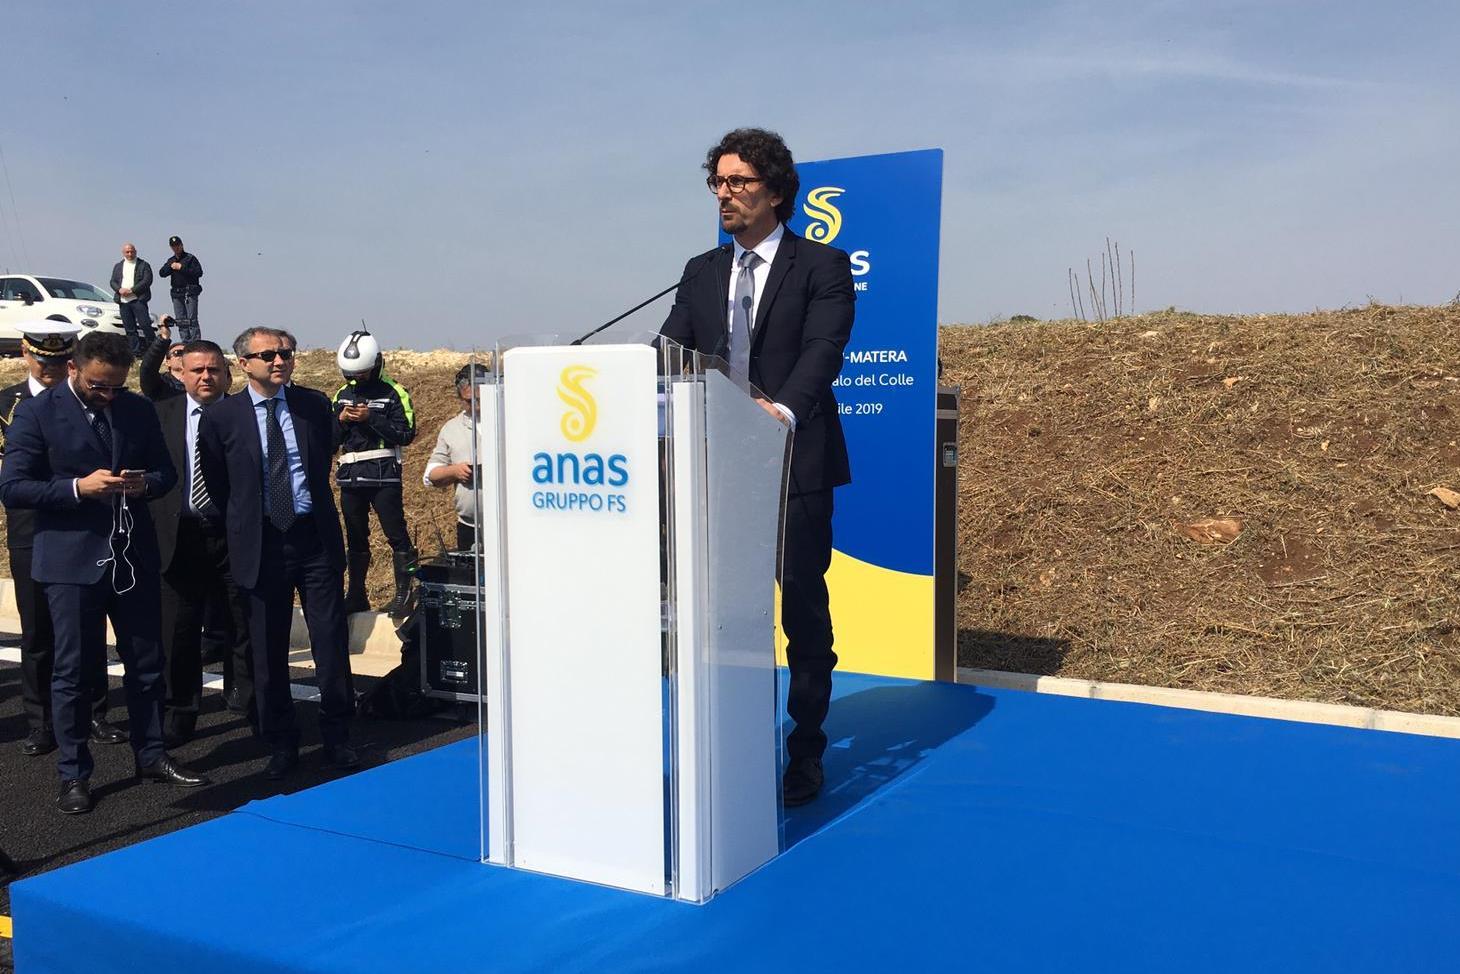 """Apertura strada statale 96 """"Barese"""", intervento Ministro Toninelli"""